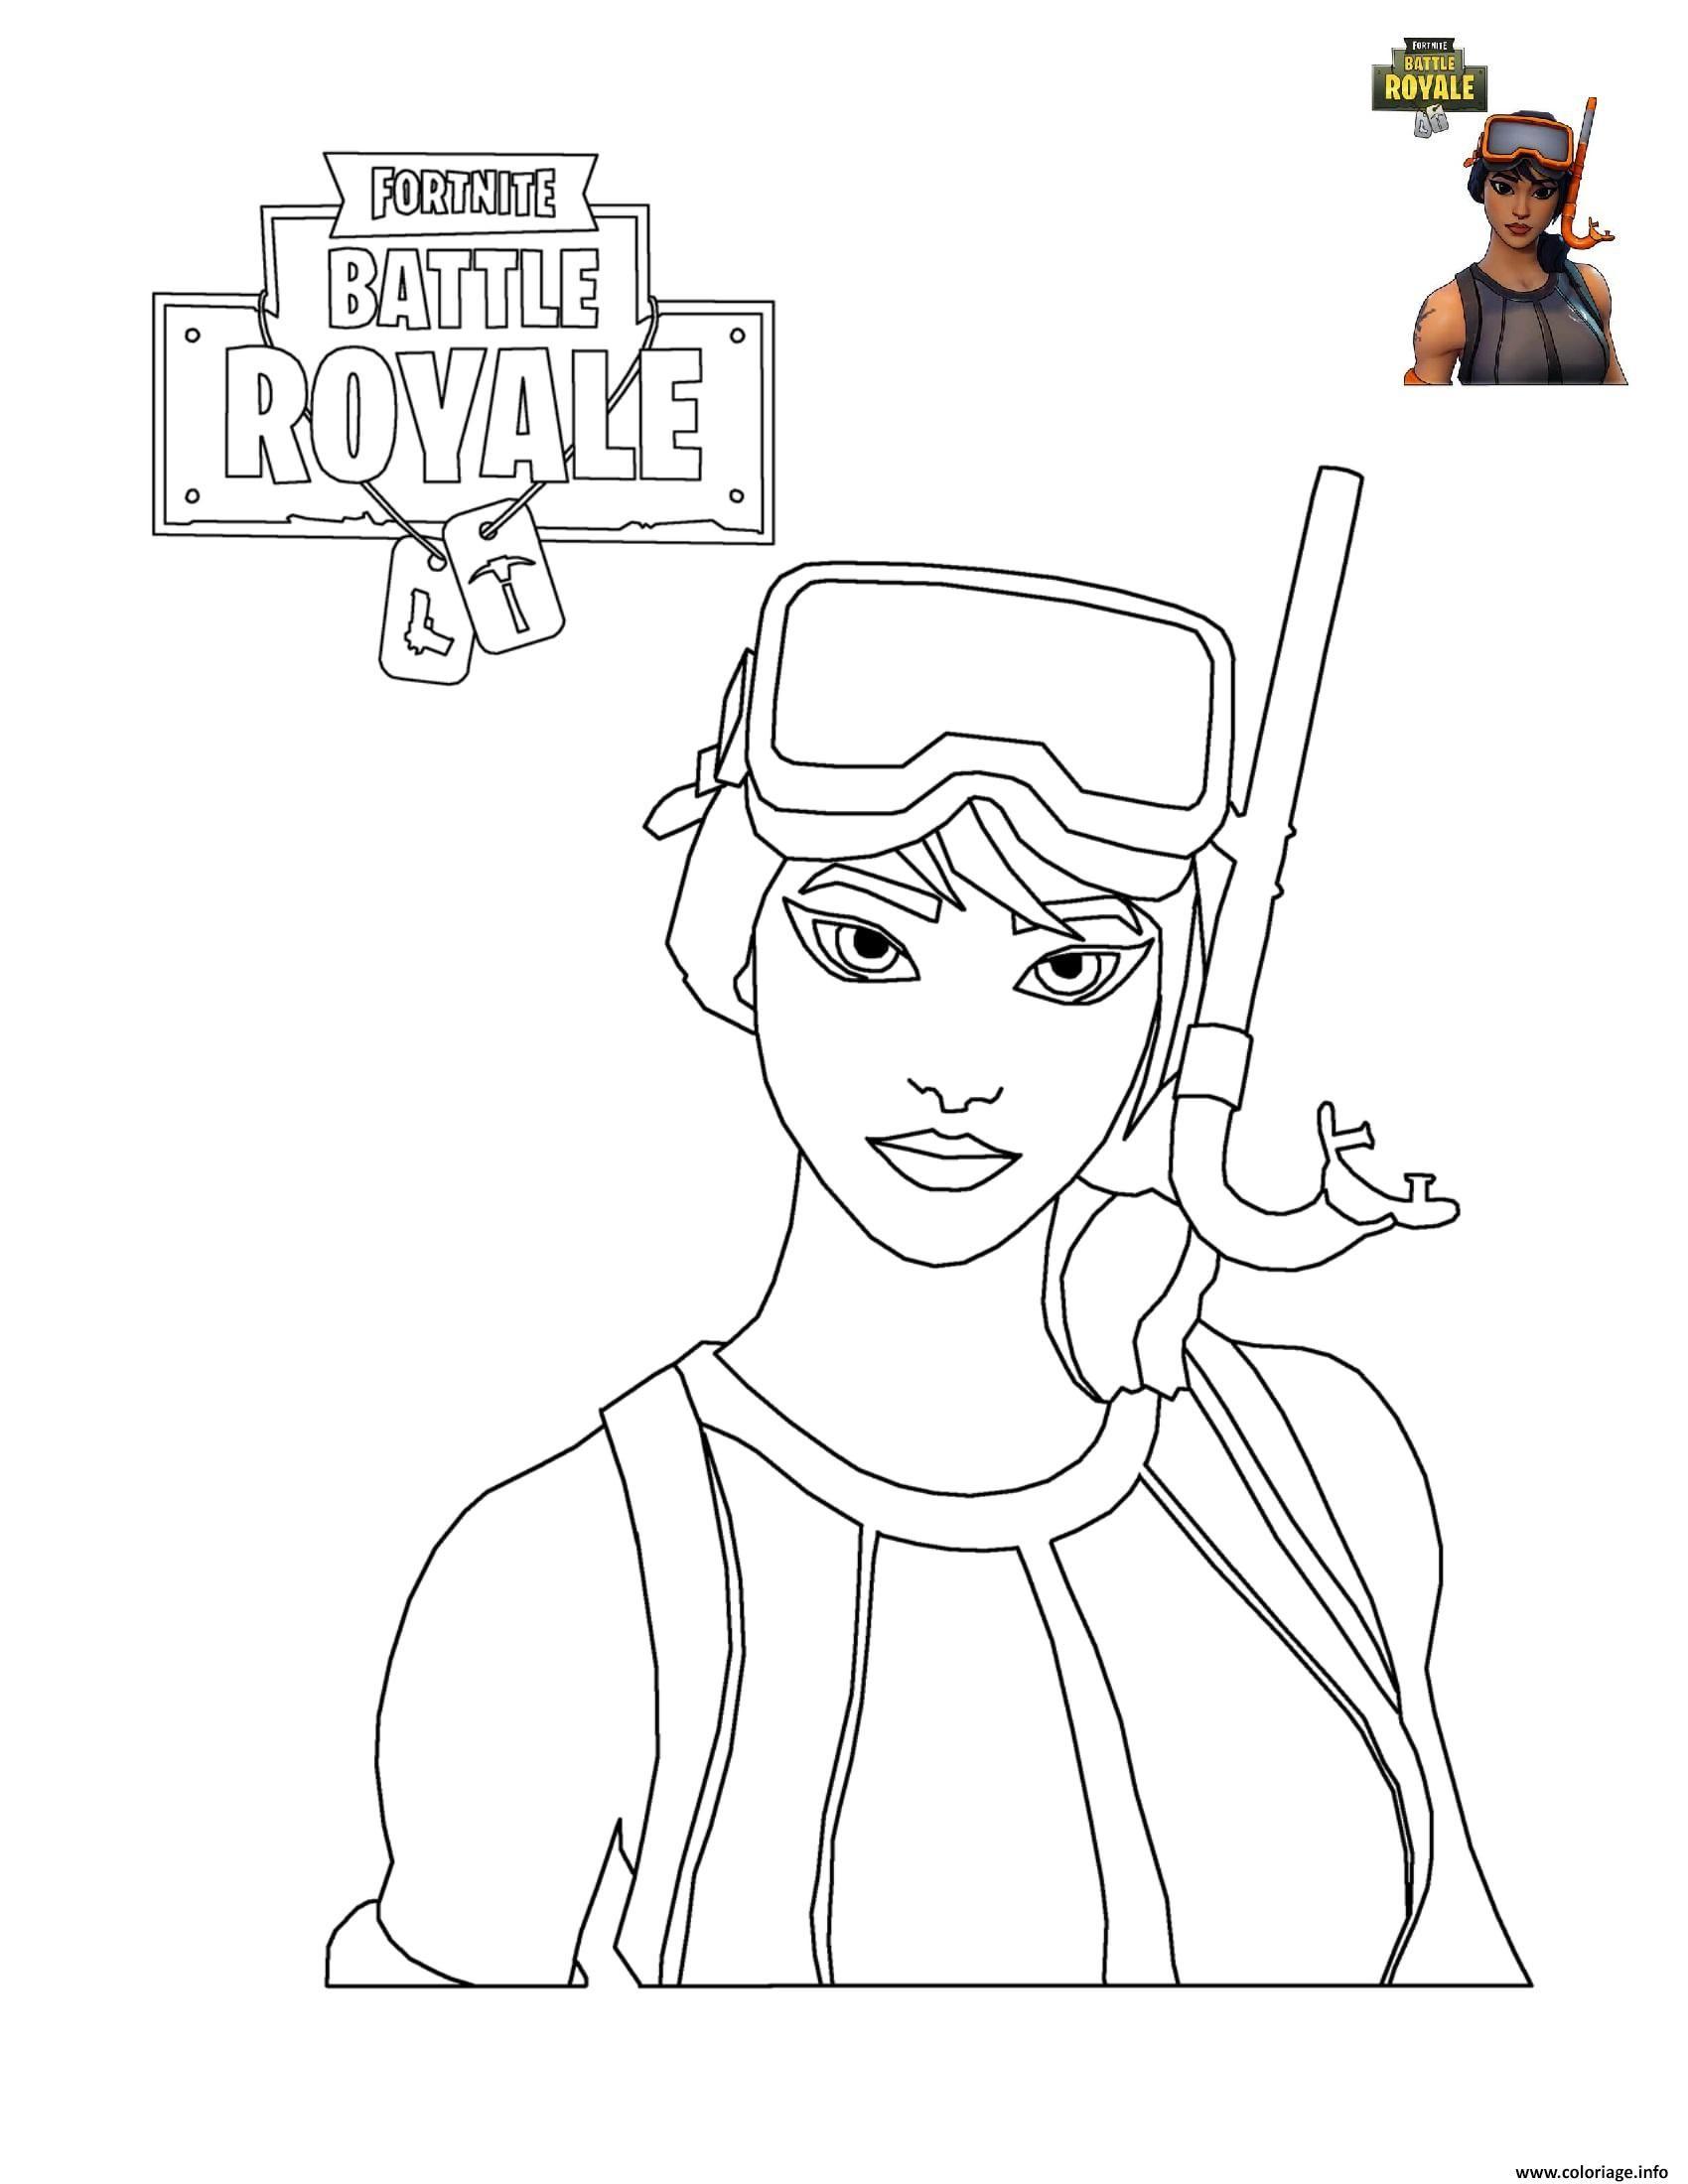 Coloriage Fortnite Battle Royale Personnage 7 À Imprimer concernant Personnage A Colorier